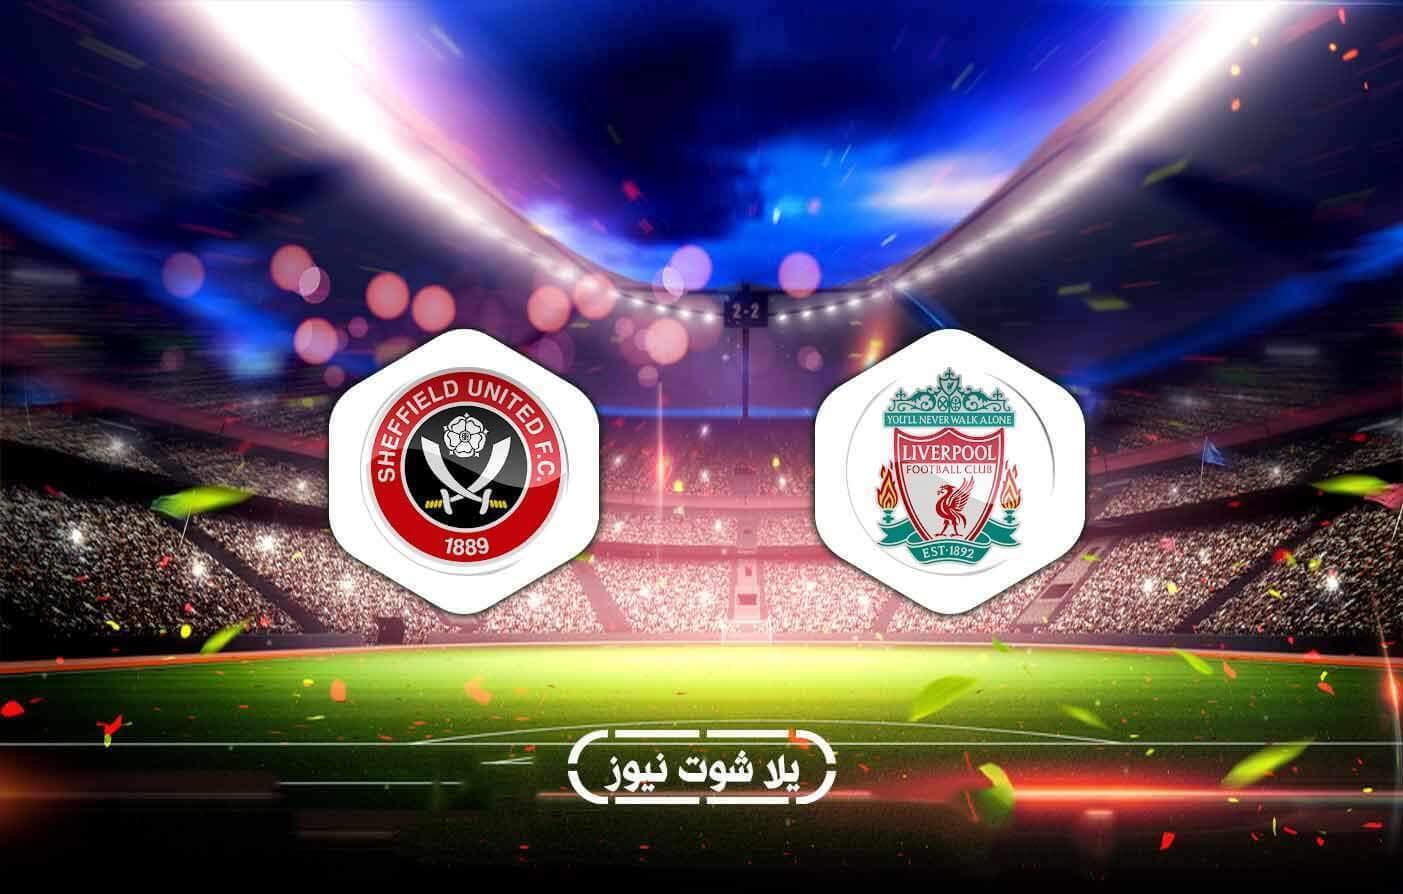 ملخص مباراة ليفربول 2-1 شيفيلد يونايتد بتاريخ 2020-10-24 الدوري الانجليزي